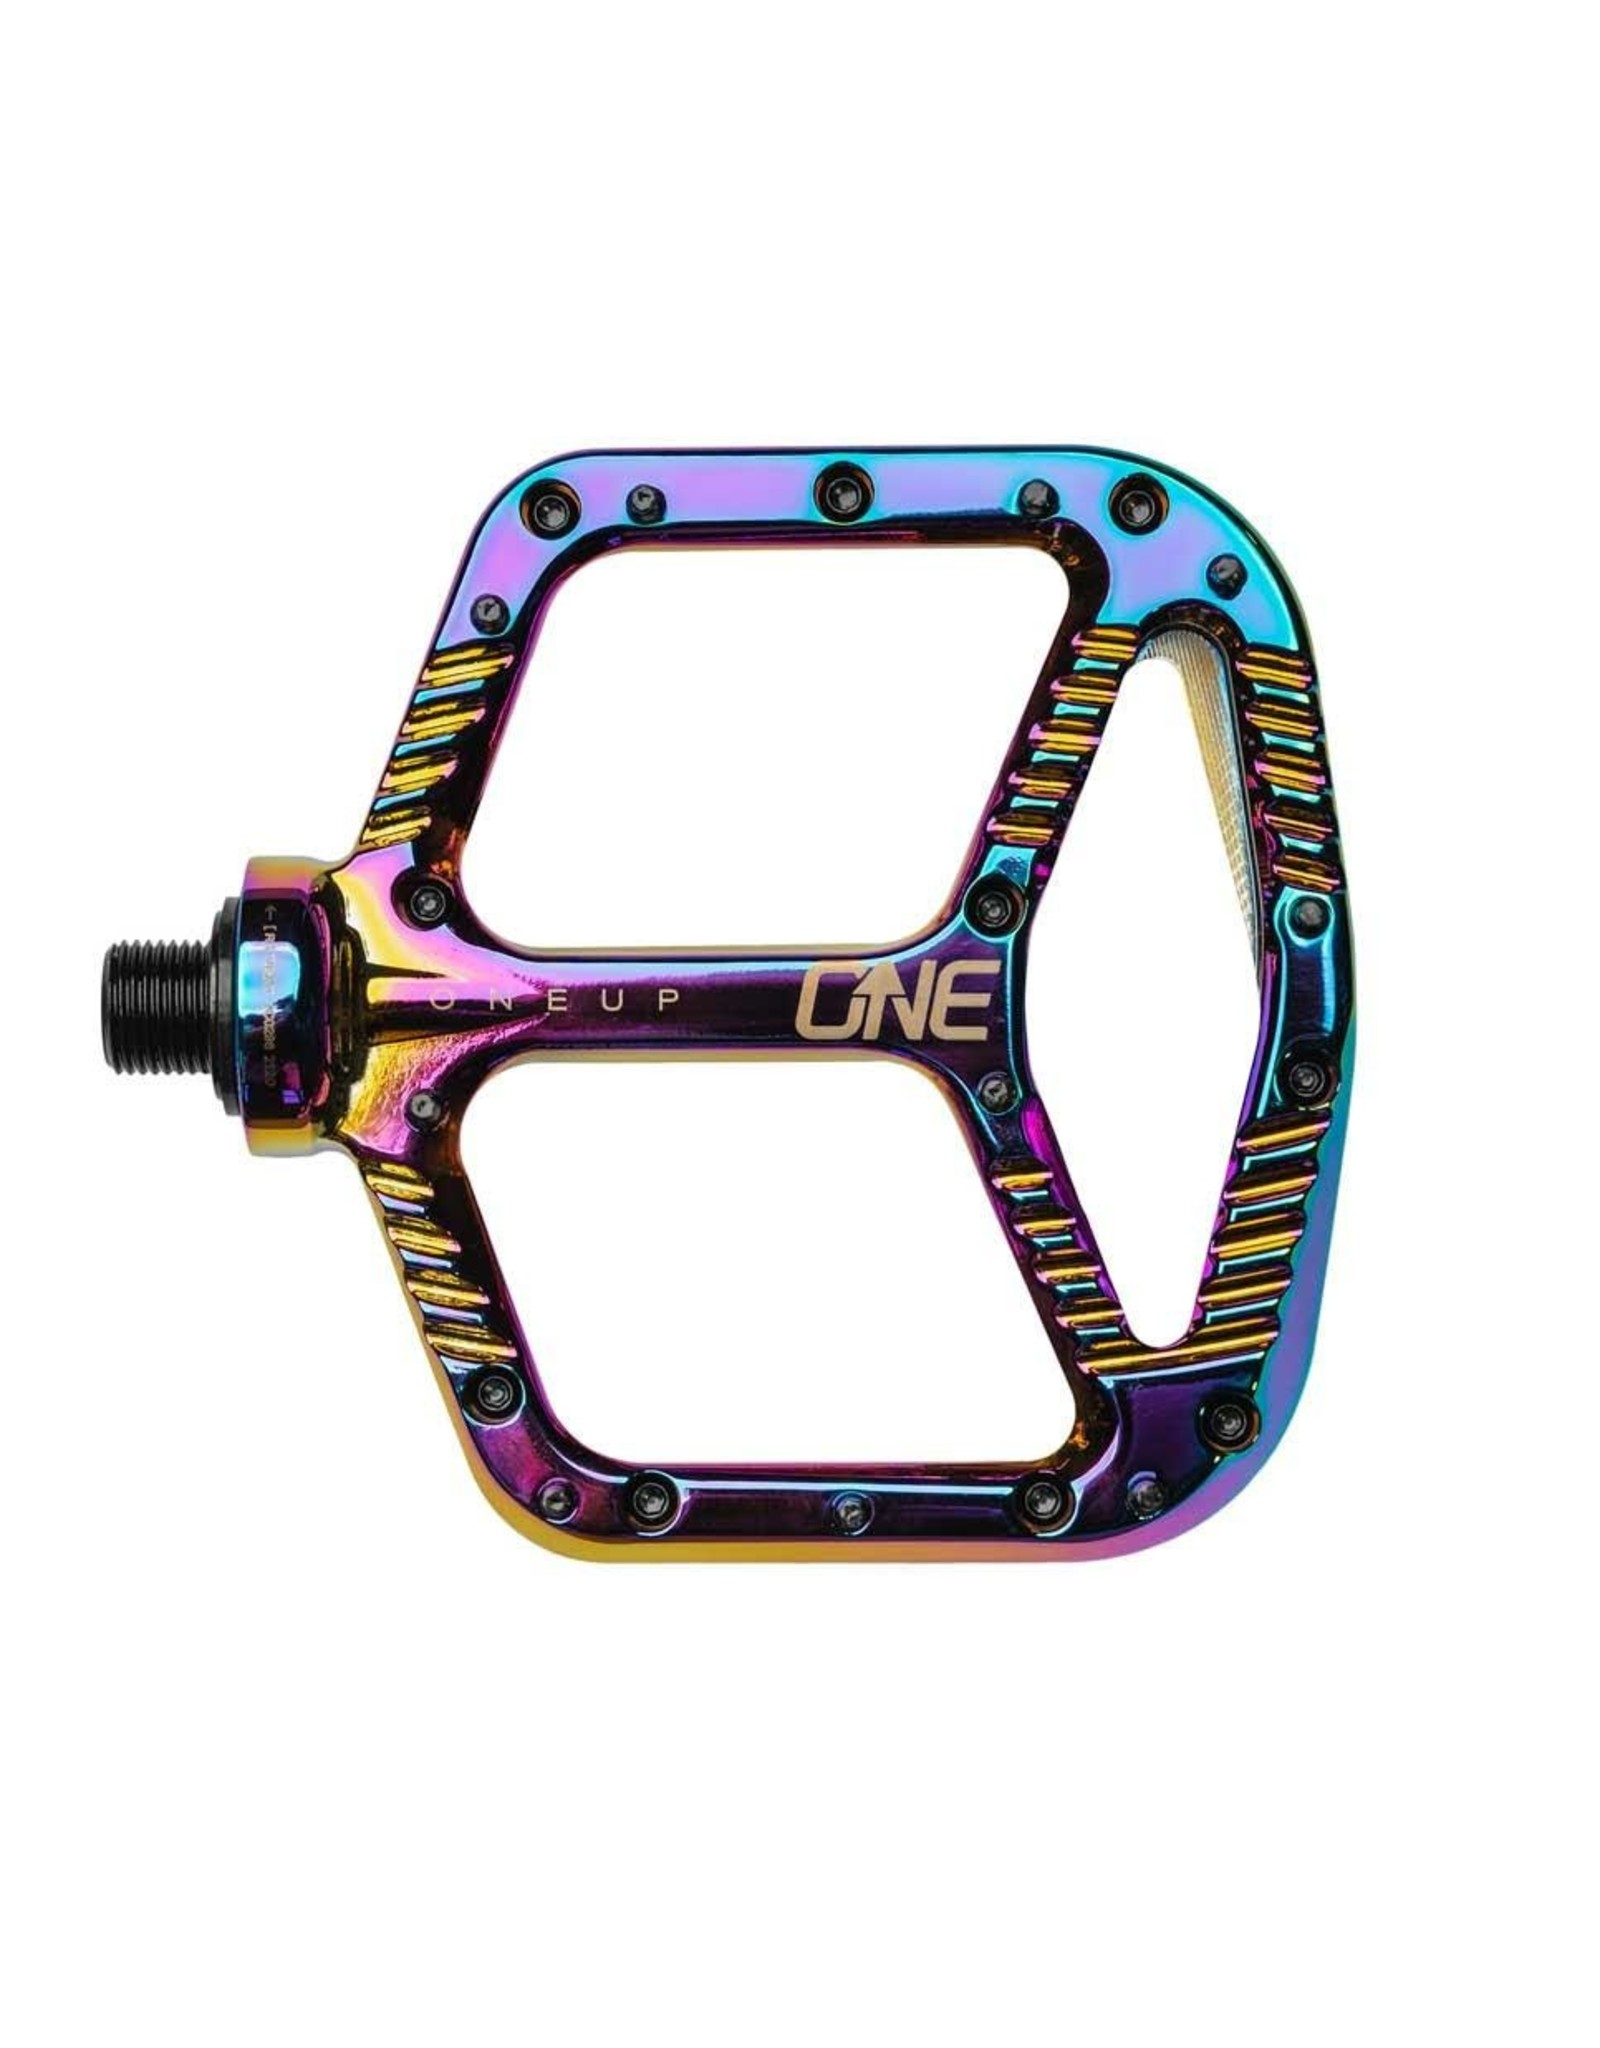 OneUp Components OneUp Components Aluminum Platform Pedals, Oil Slick